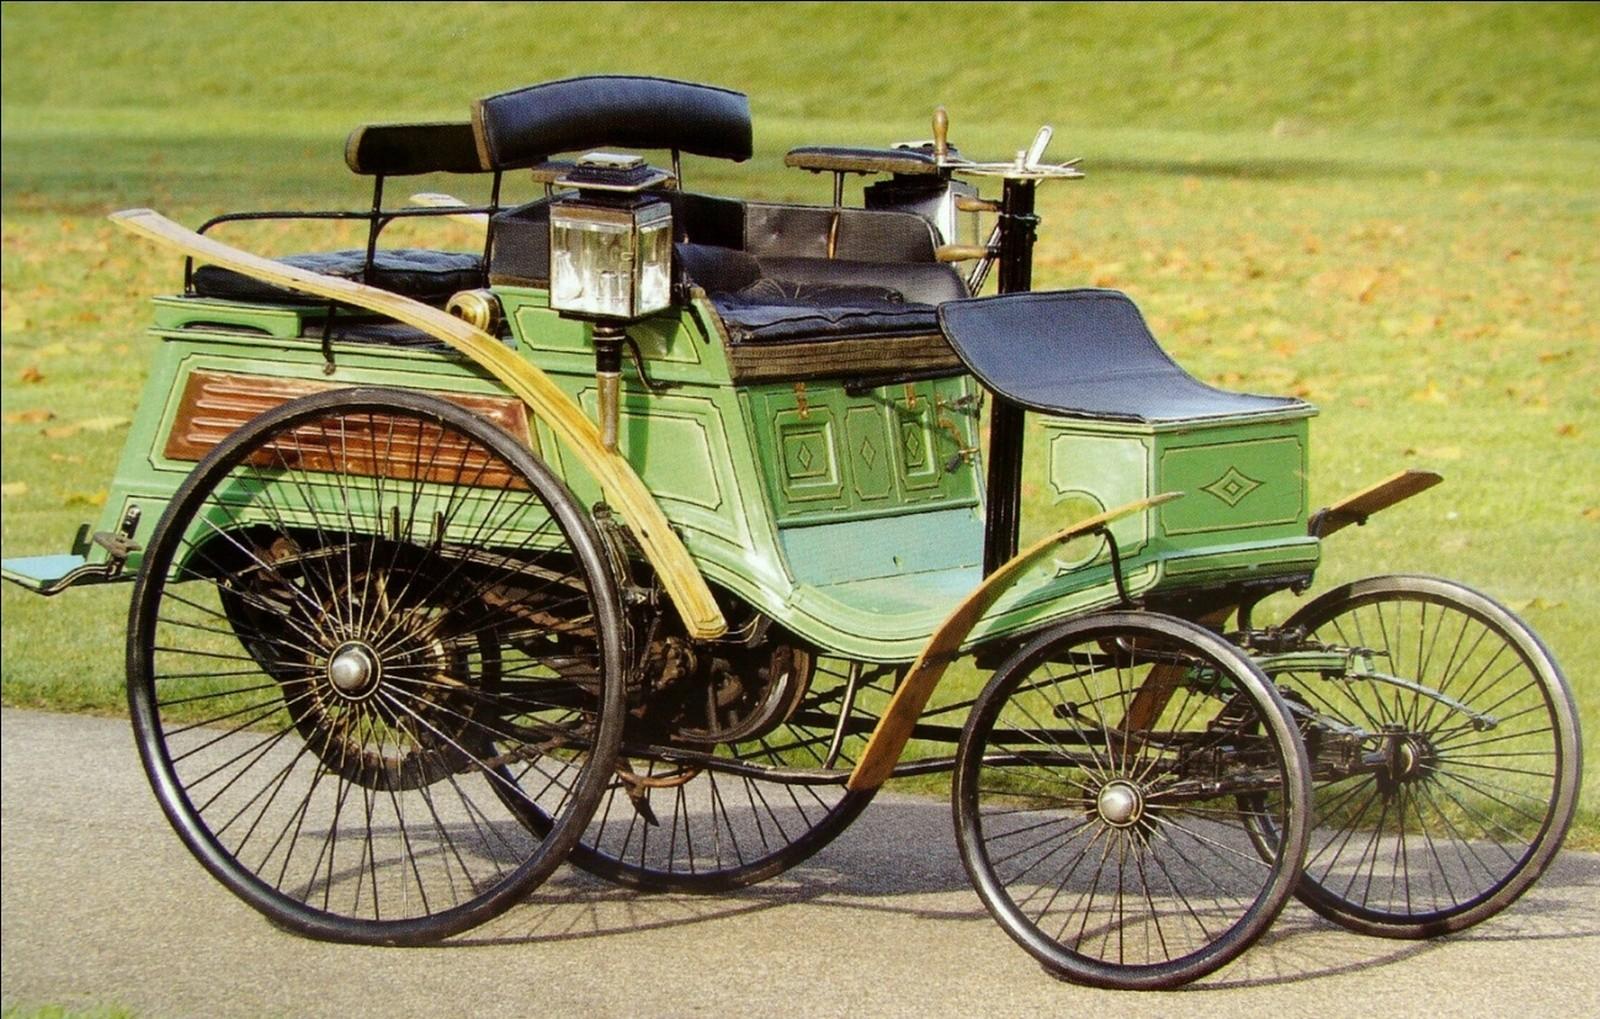 Немецкий четырехместный автомобиль Benz Velo Comfortable. 1897 год